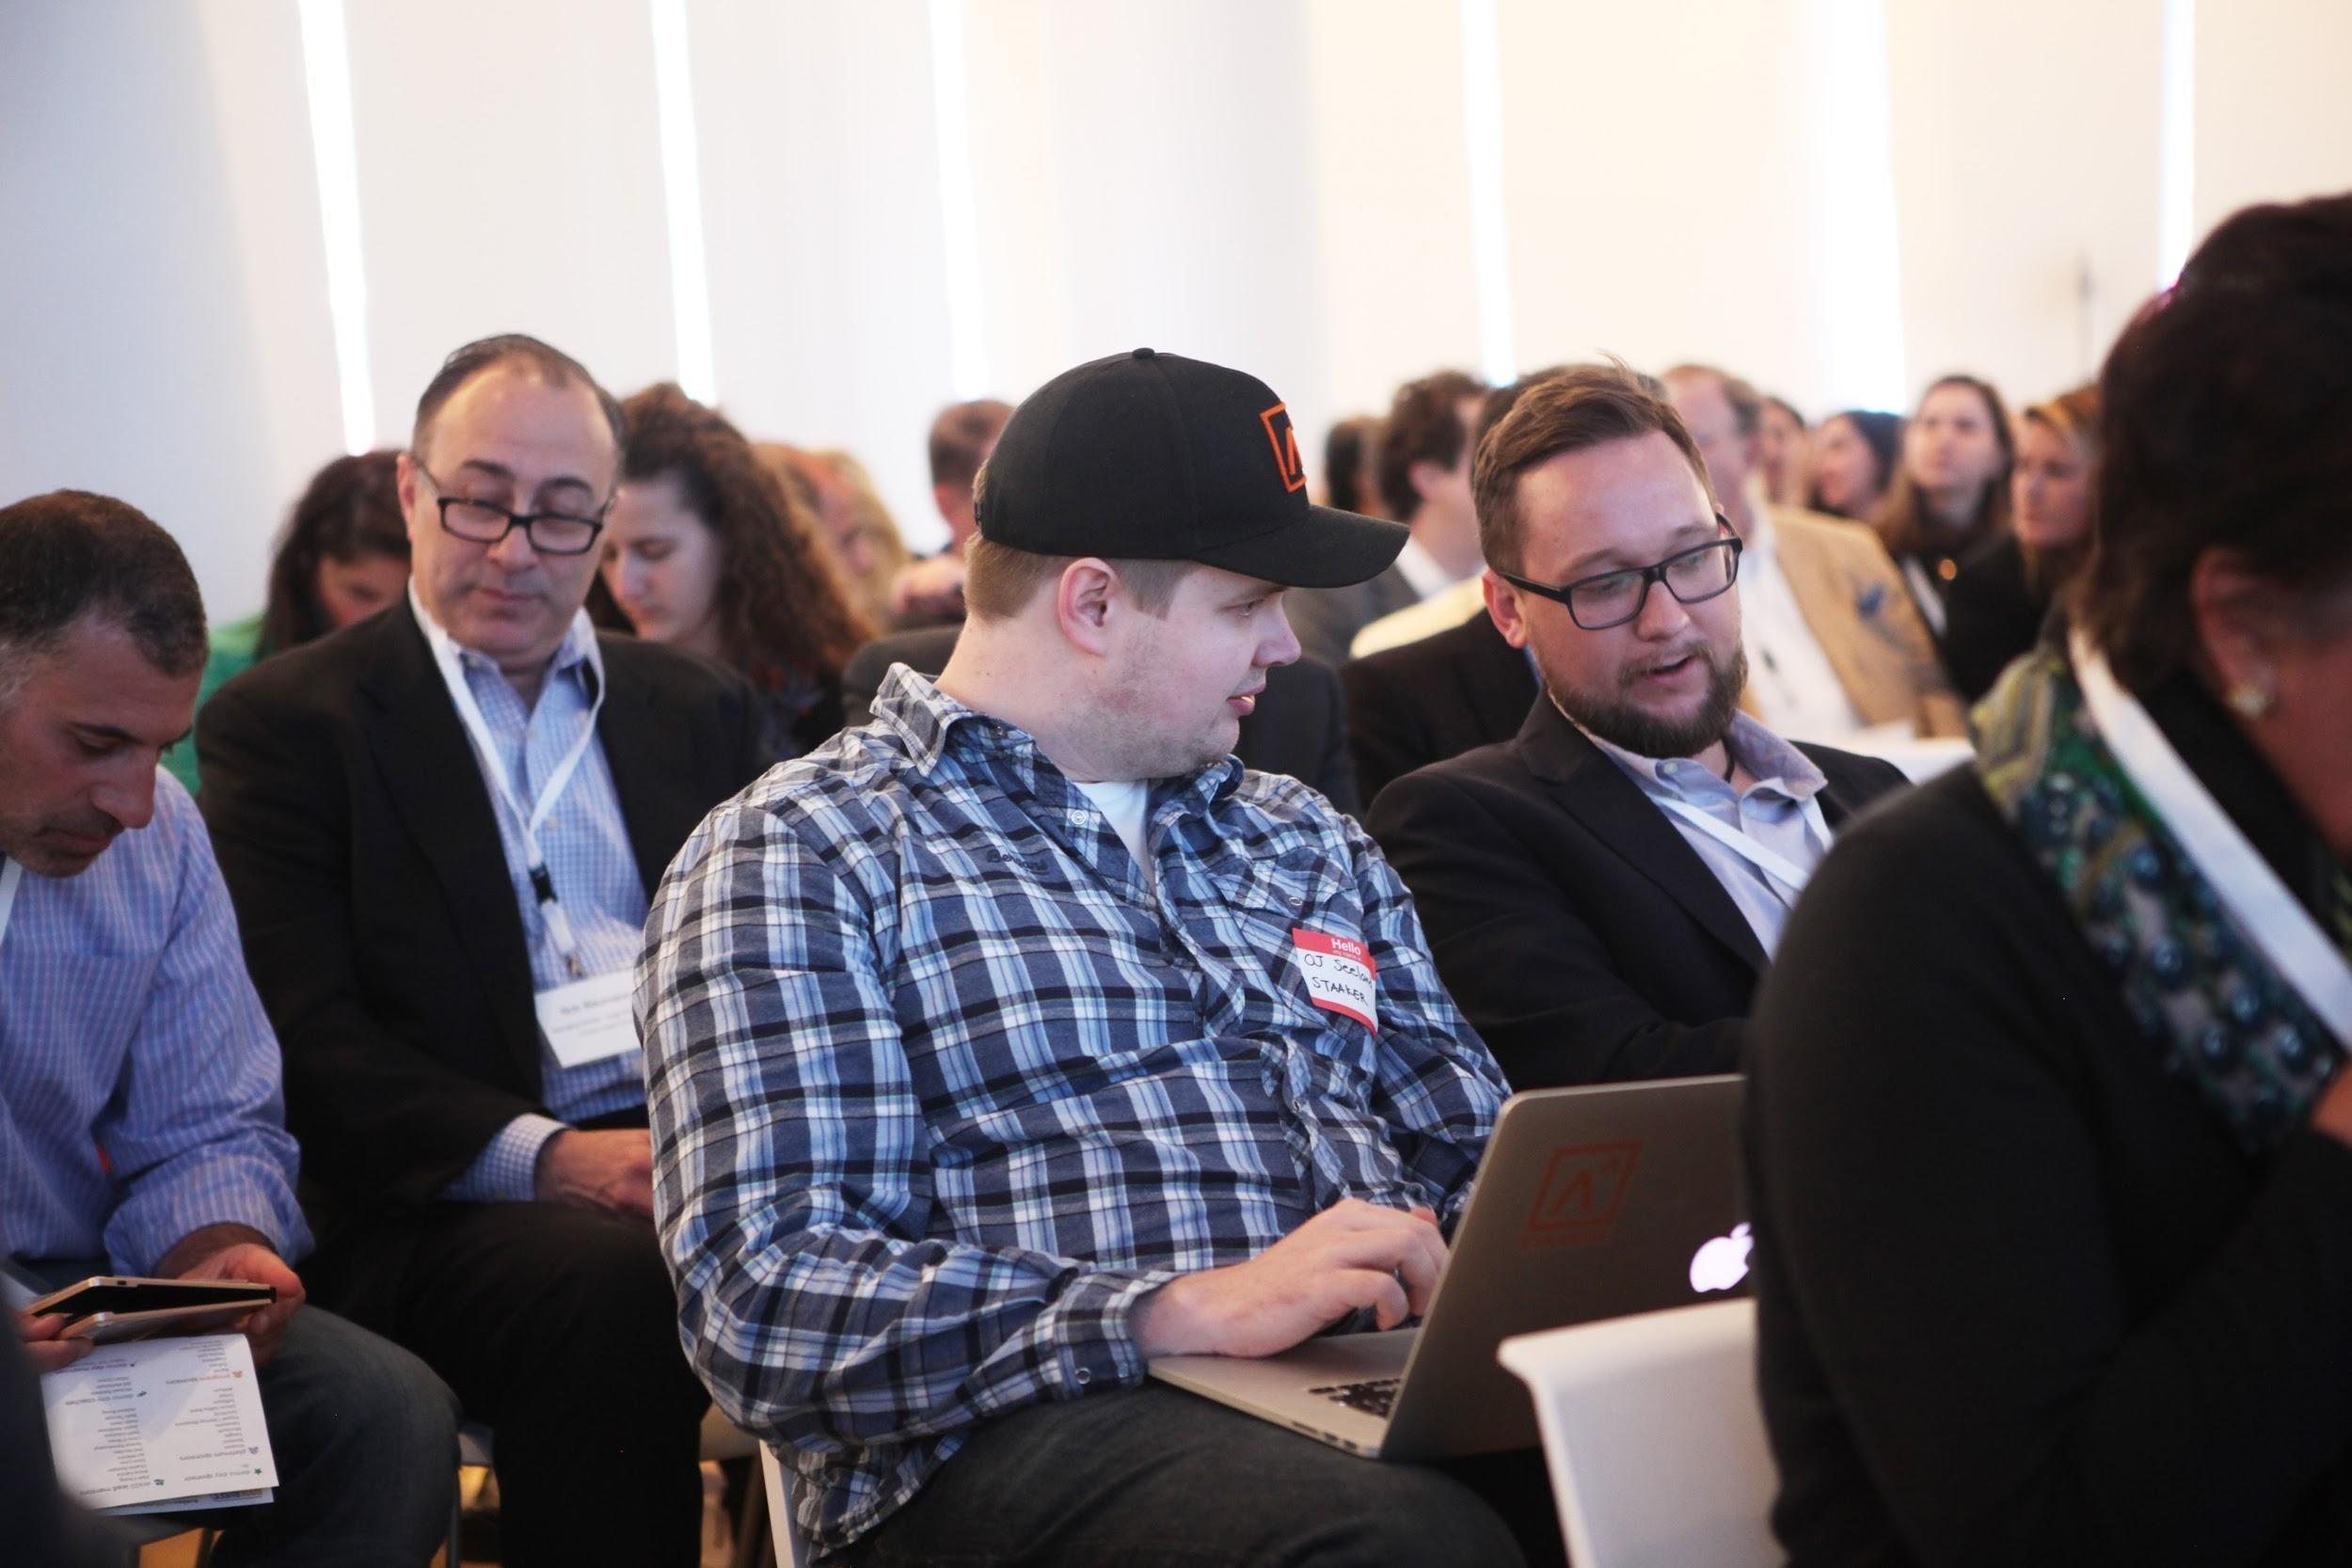 Norske teknologi-bedrifter sitter i salen for å lære. Her norske Staaker og UpWave.